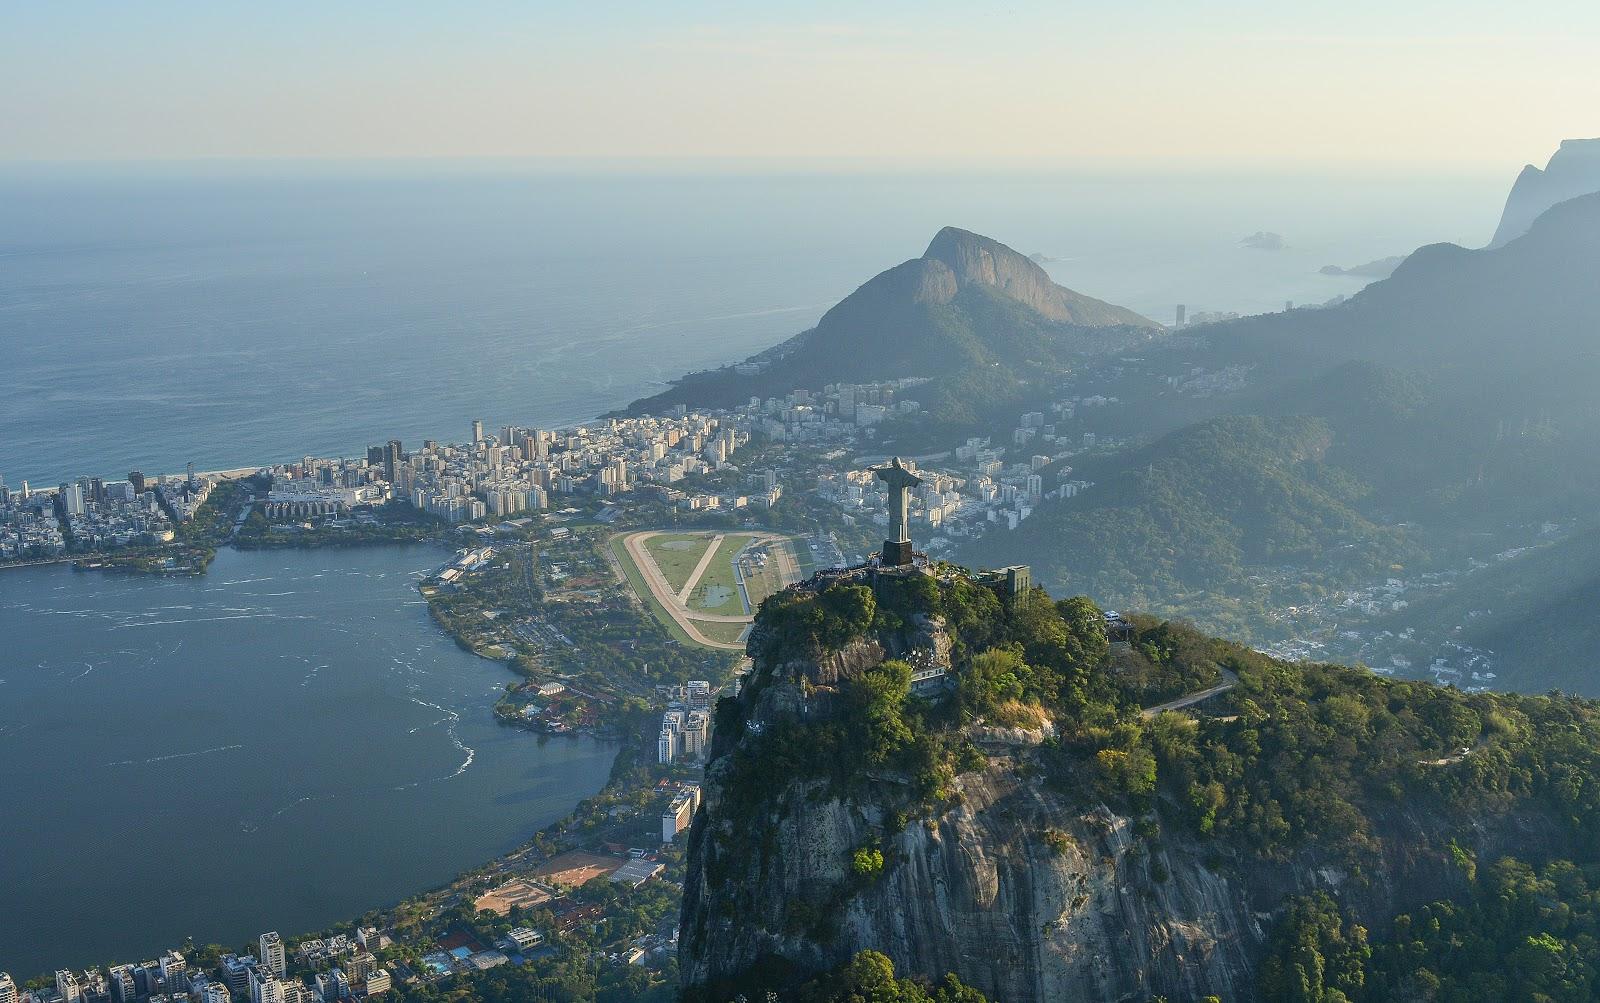 【咖啡產地之旅】 巴西咖啡 -世界最大的咖啡生產國,不只日曬還有半日曬